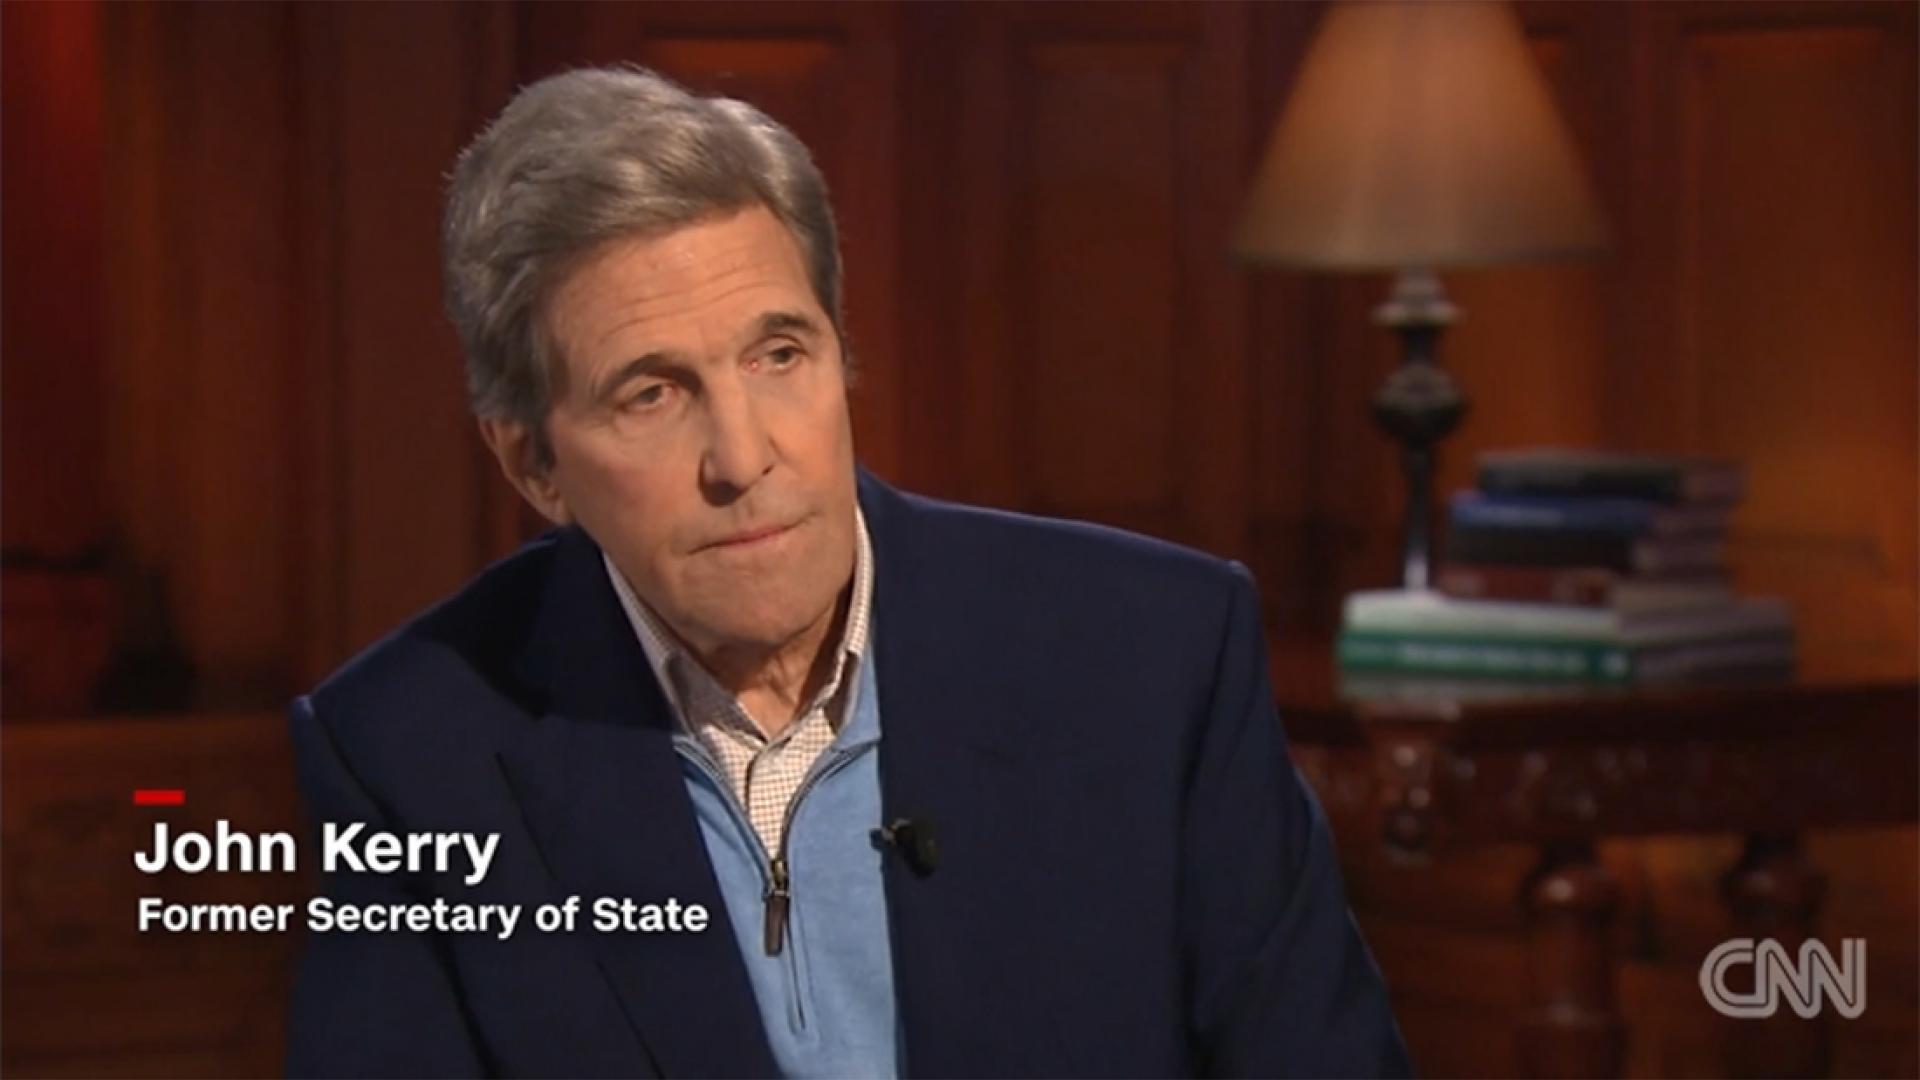 """بمقابلة مع CNN.. كيري يهاجم بومبيو وخطابه في مصر.. ويوضح """"لحظة الخزي"""""""